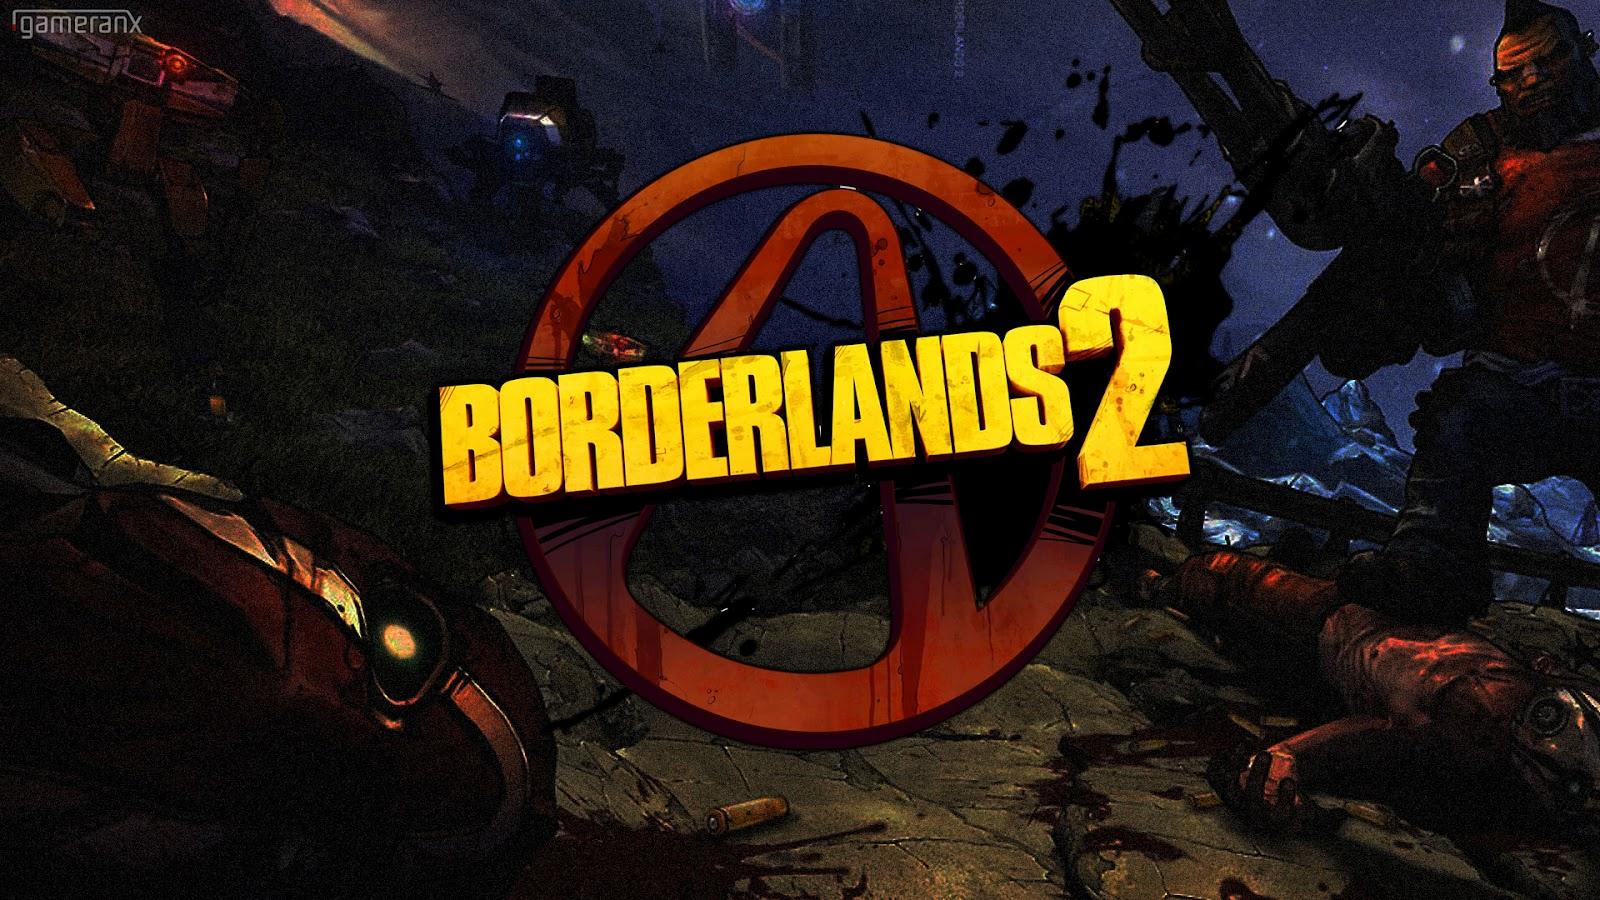 hd wallpaper background and desktop borderlands 2